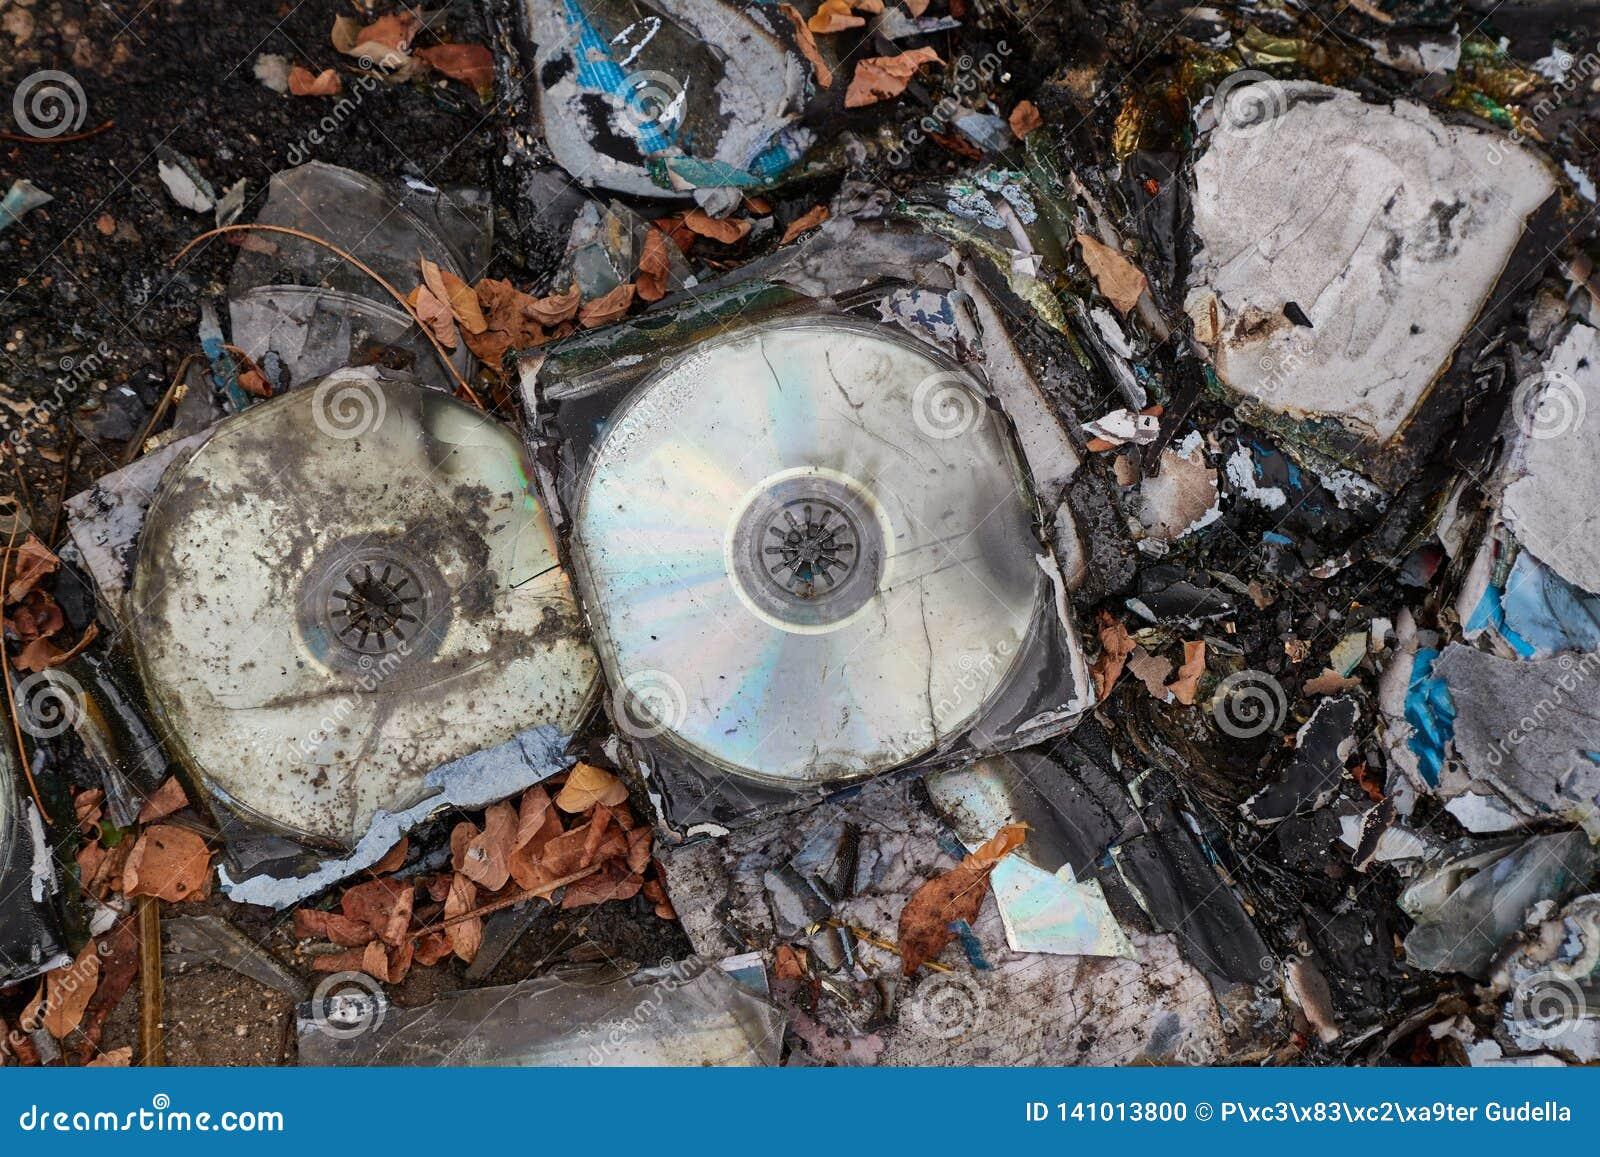 CD`s Thrown Away In Garbage Dump Piles Stock Photo - Image ...